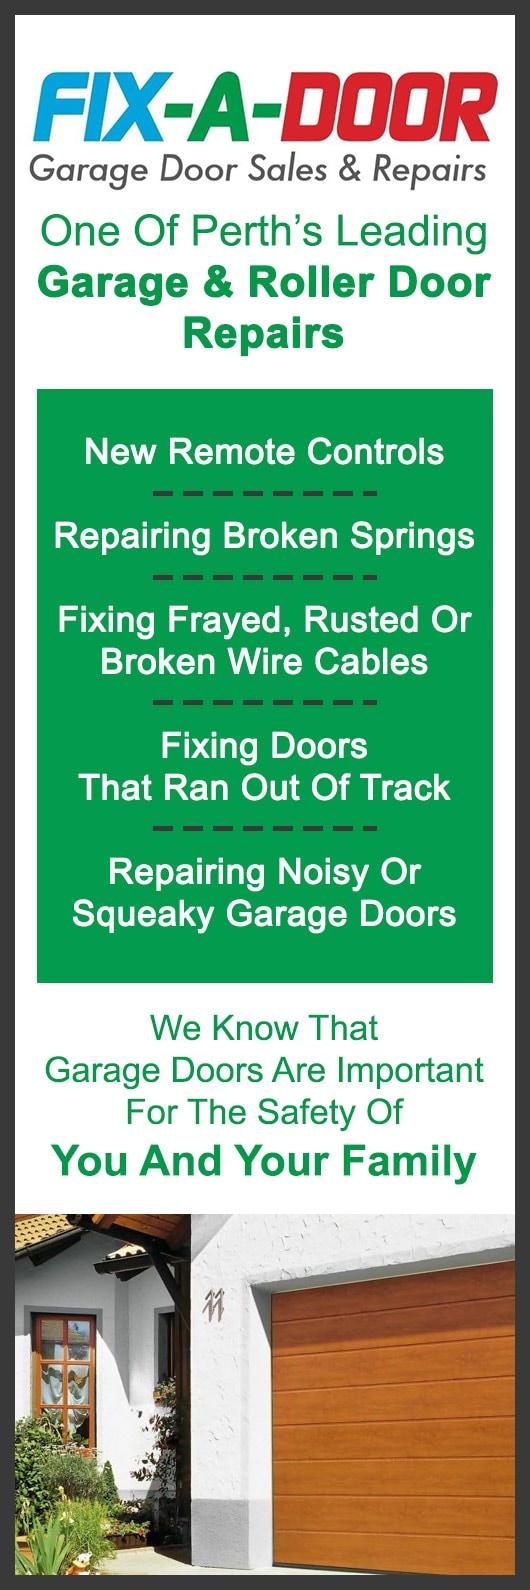 Fix A Door Garage Door Repairs Perth Garage Doors Fittings Perth